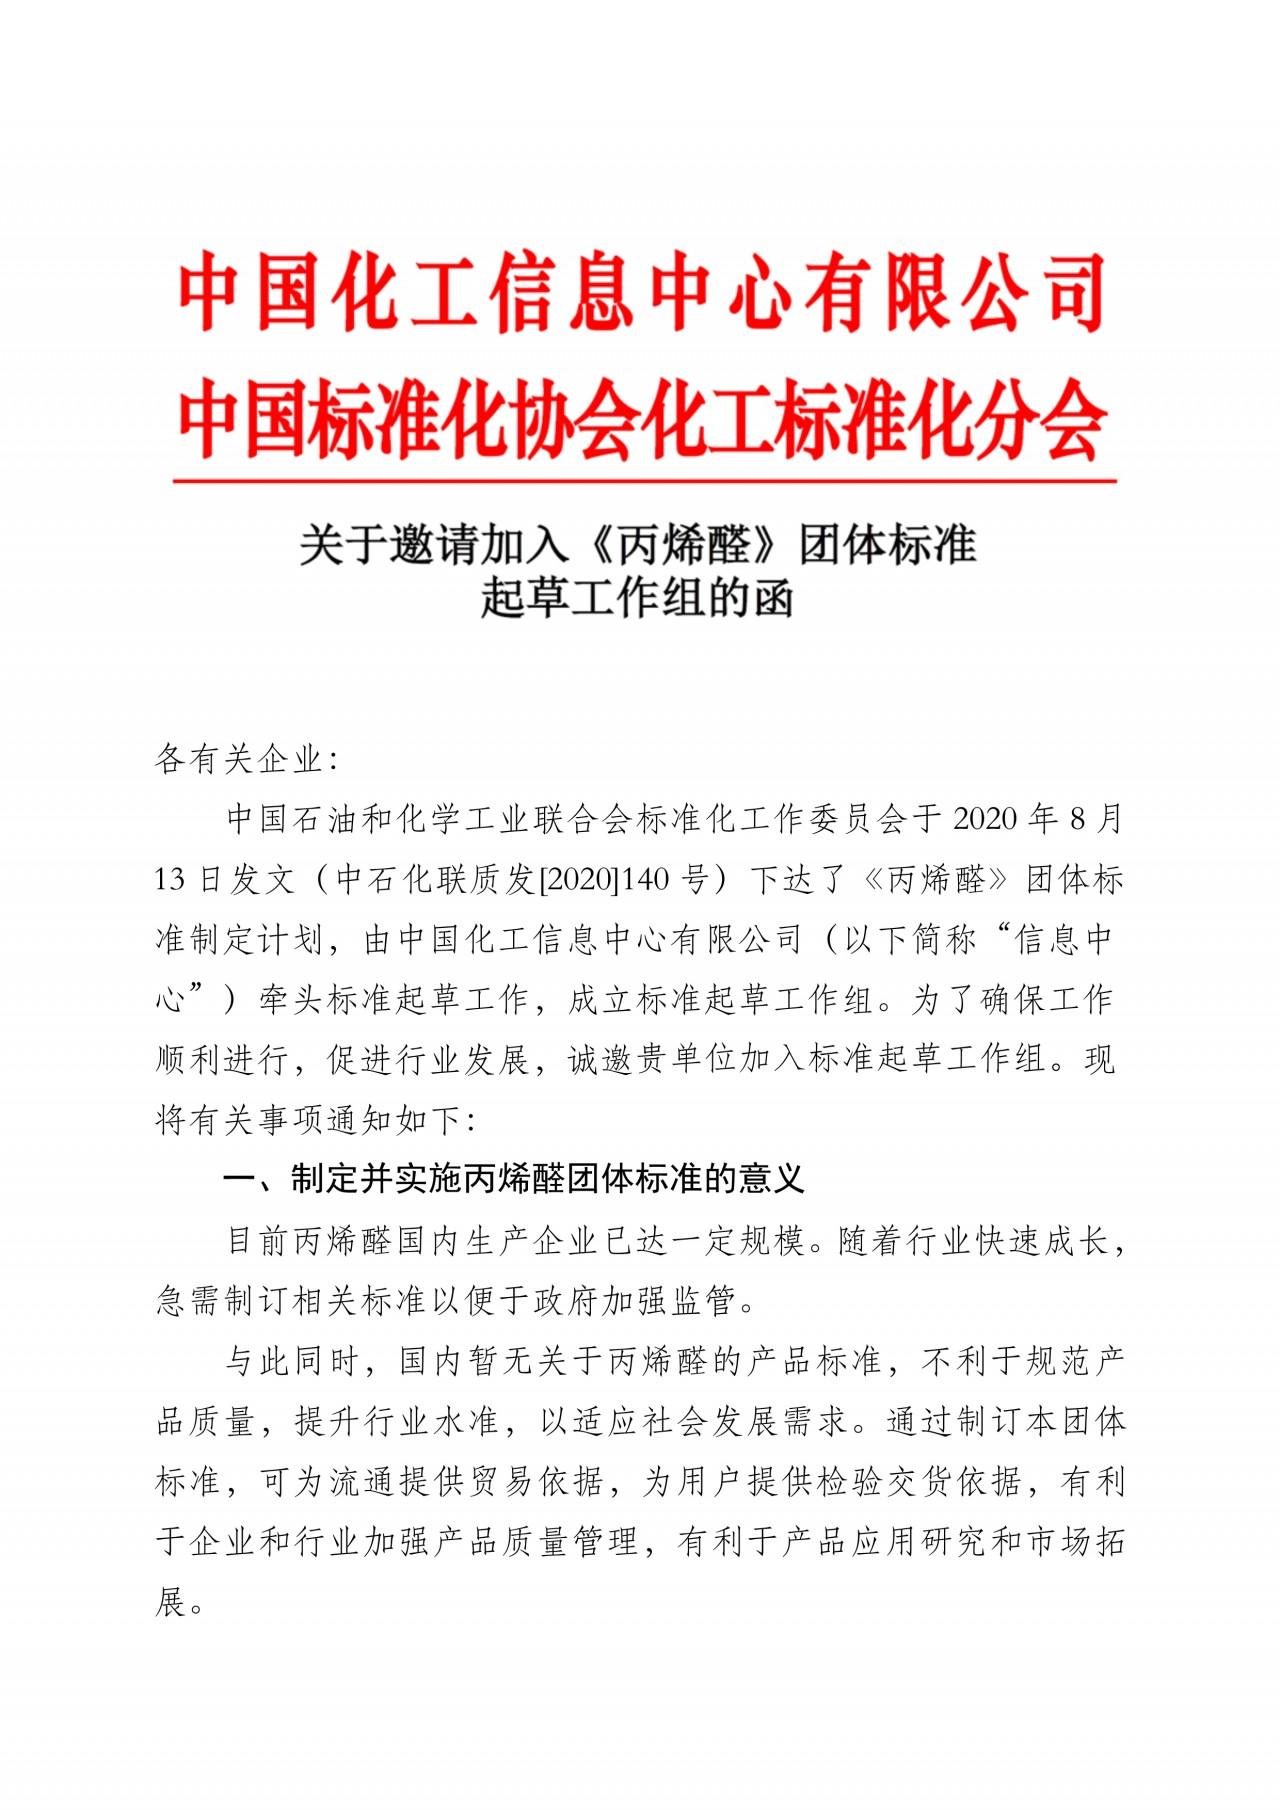 082414434099_0关于邀请加入《丙烯醛》团体标准起草工作组的函1_1.Jpeg